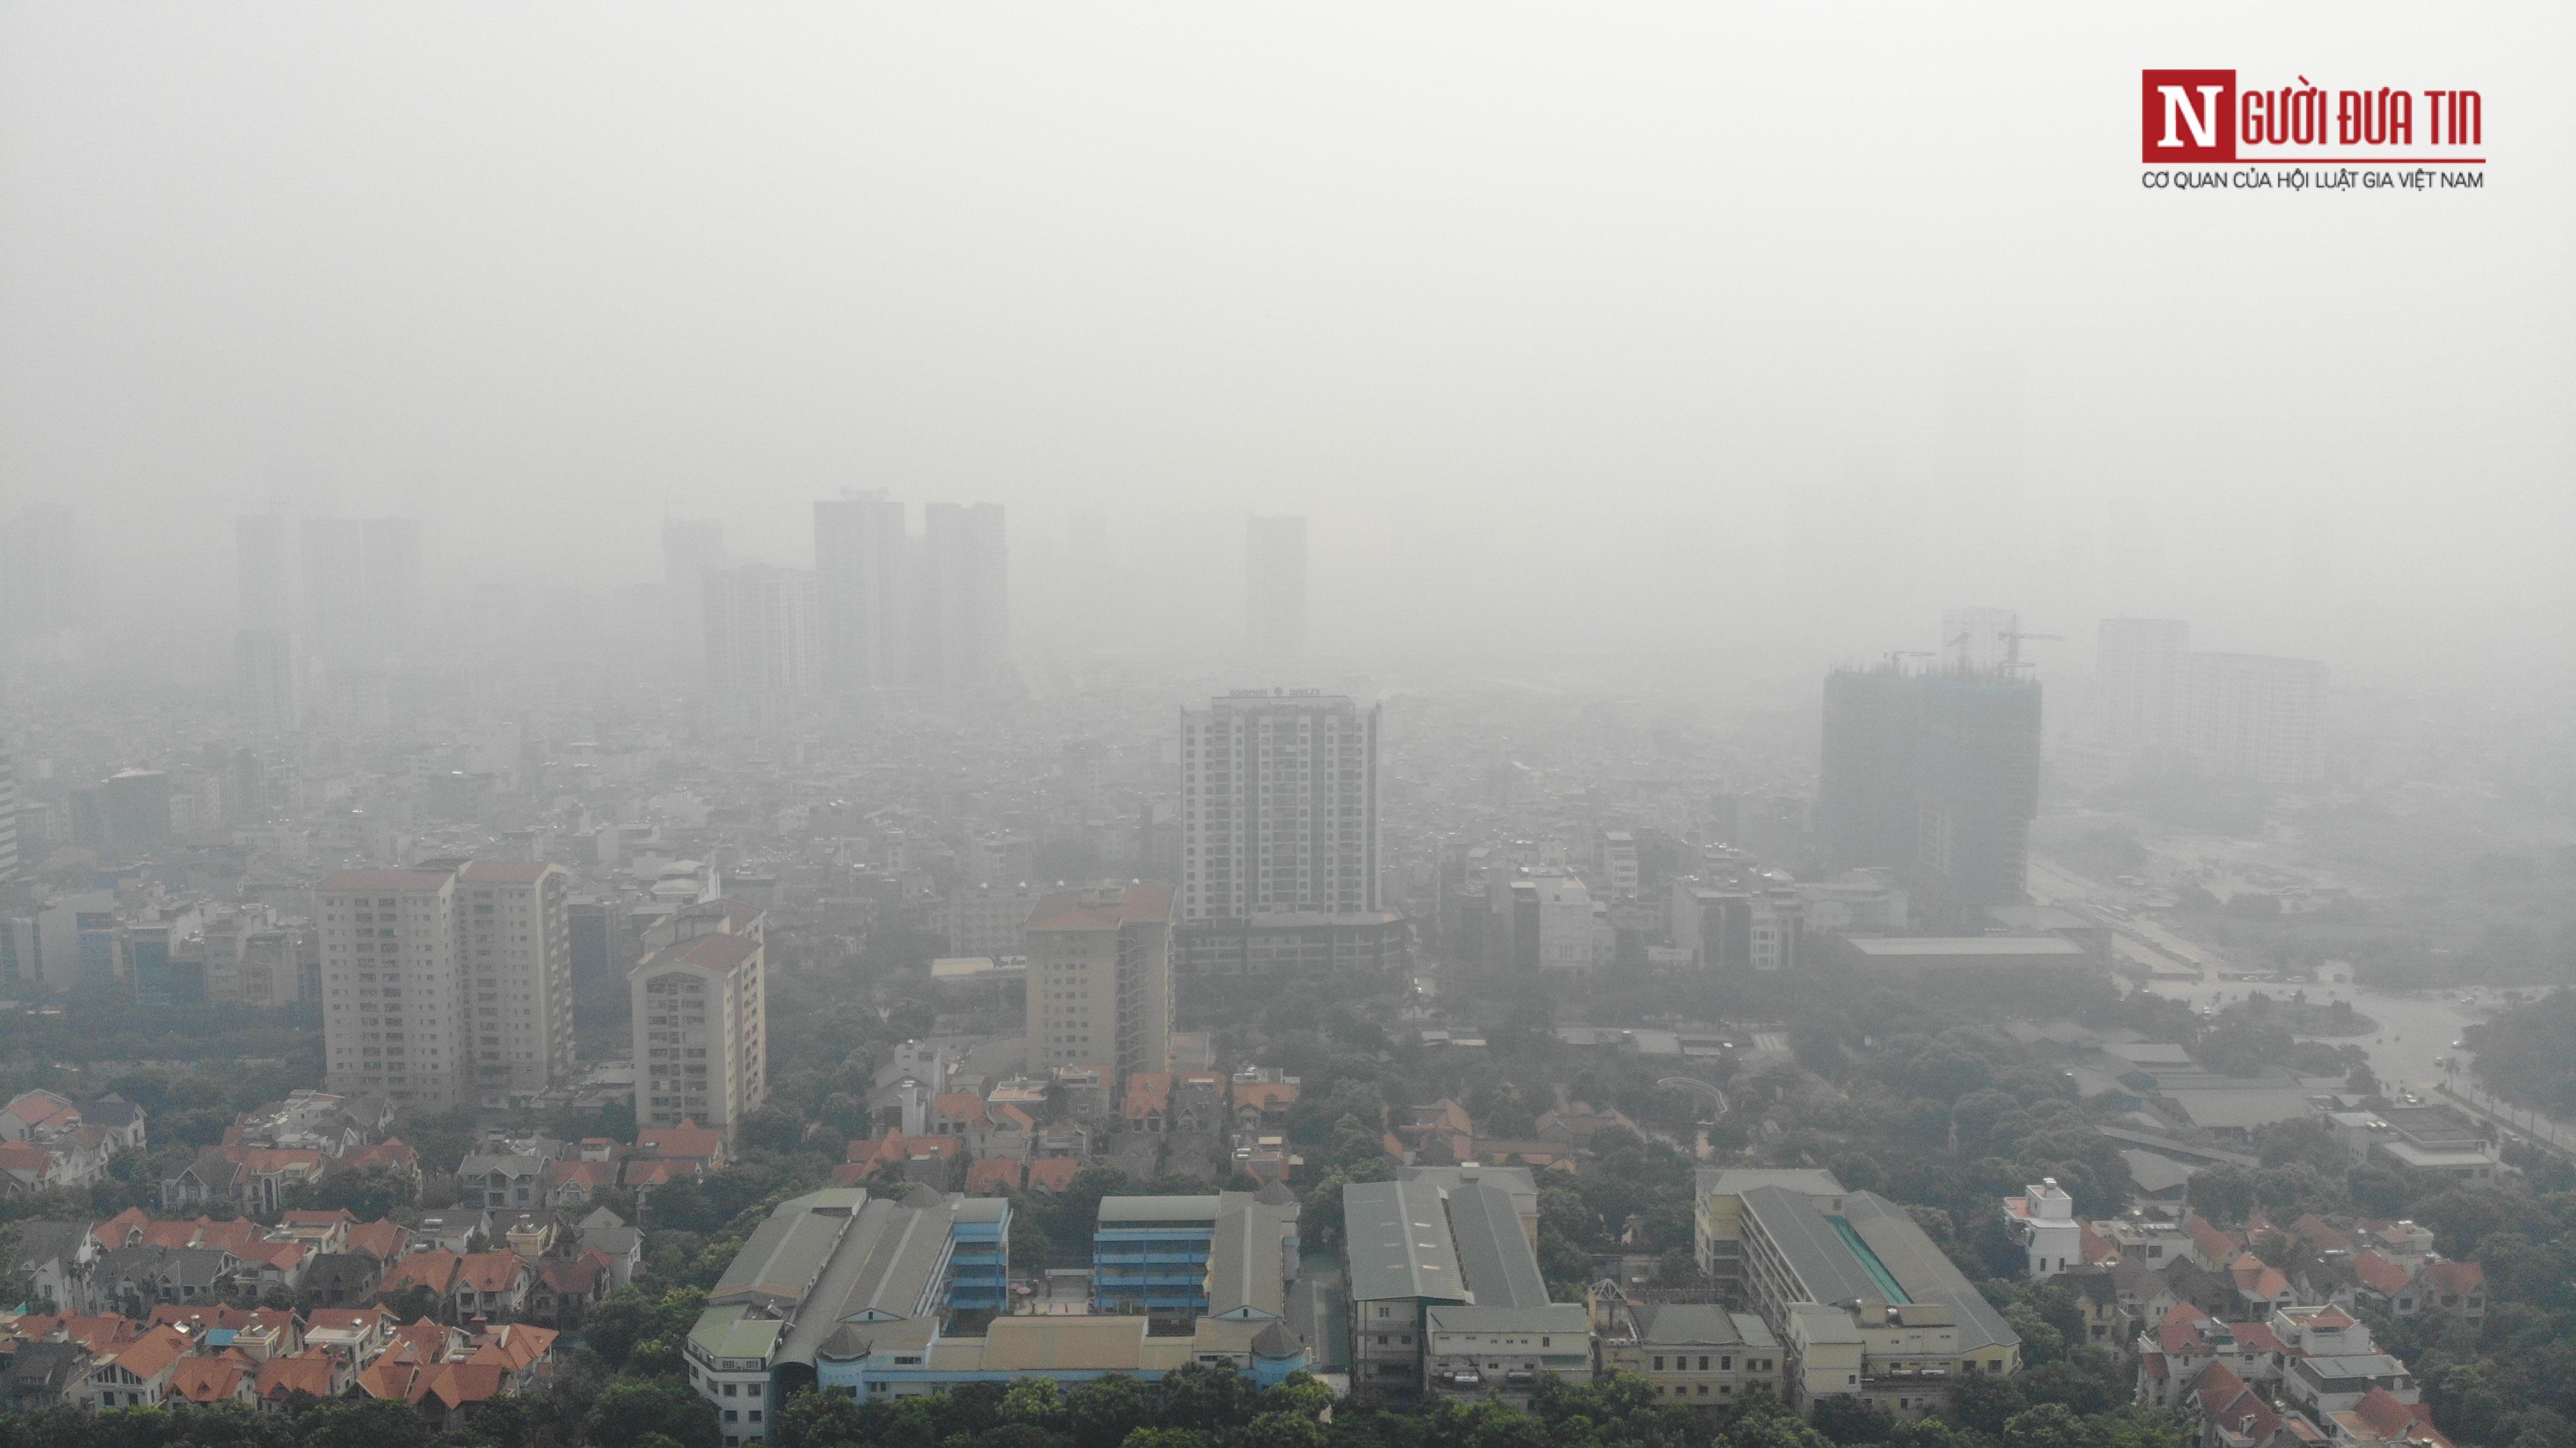 Ngày mai (3/10), tình trạng ô nhiễm không khí tại Hà Nội sẽ được cải thiện? 1